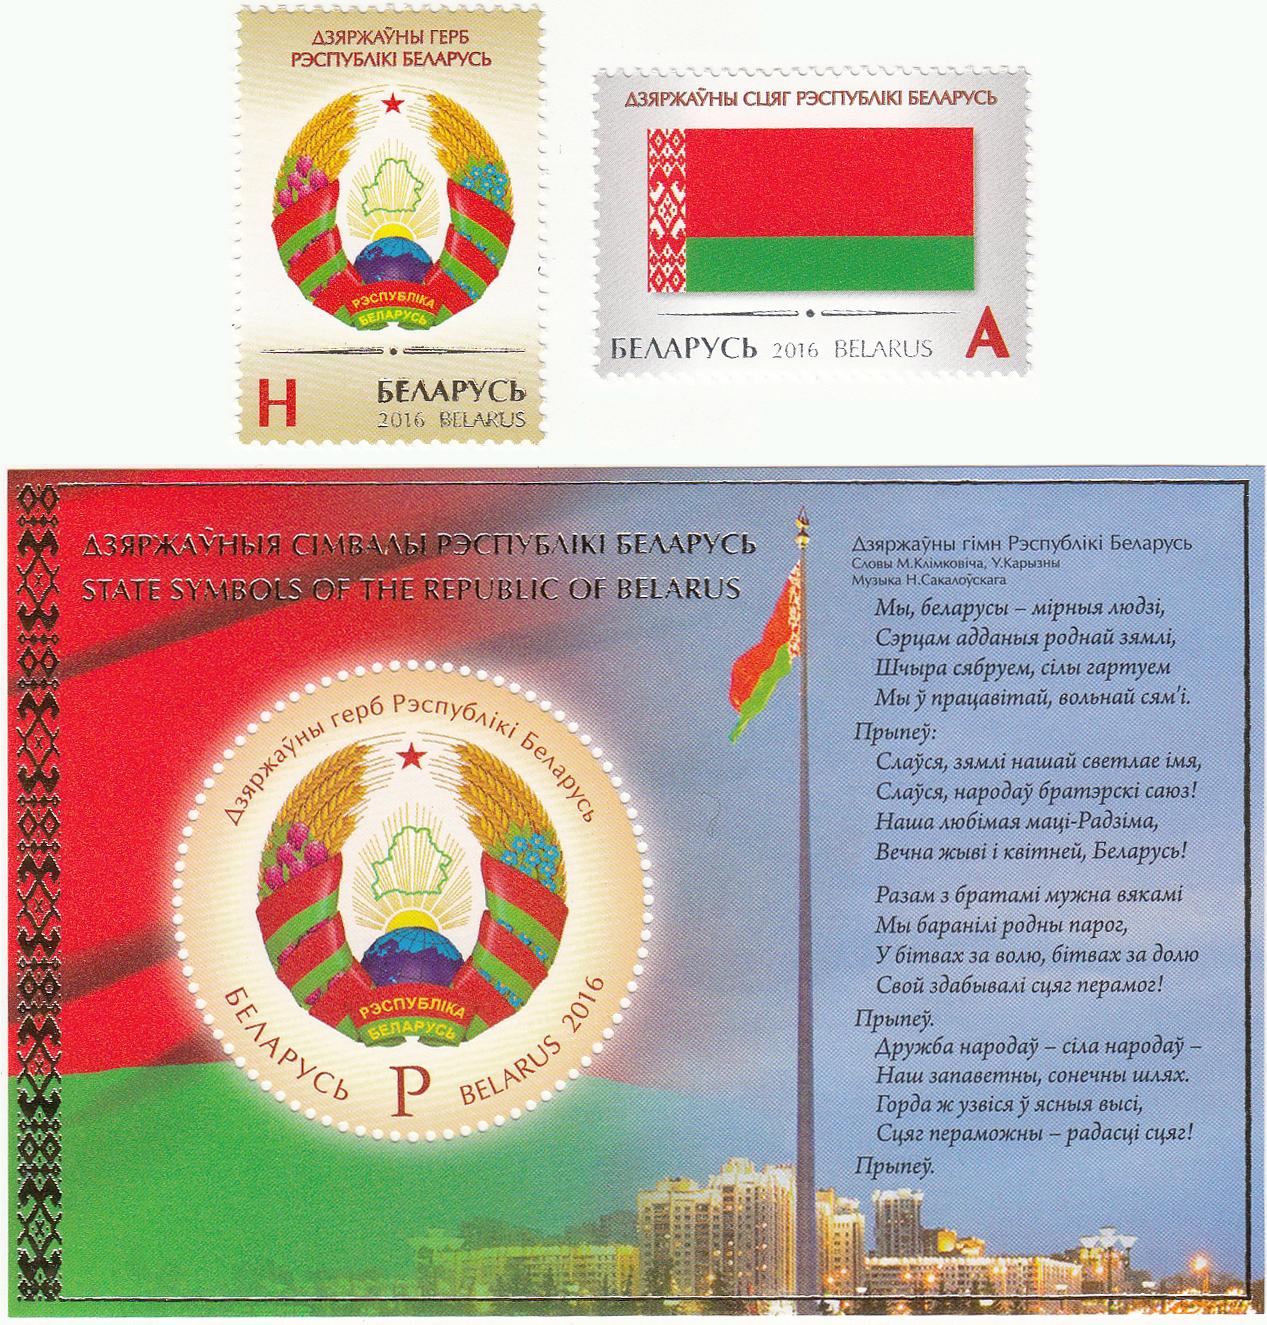 Серия из двух марок и почтового блока Государственные символы Республики Беларусь.